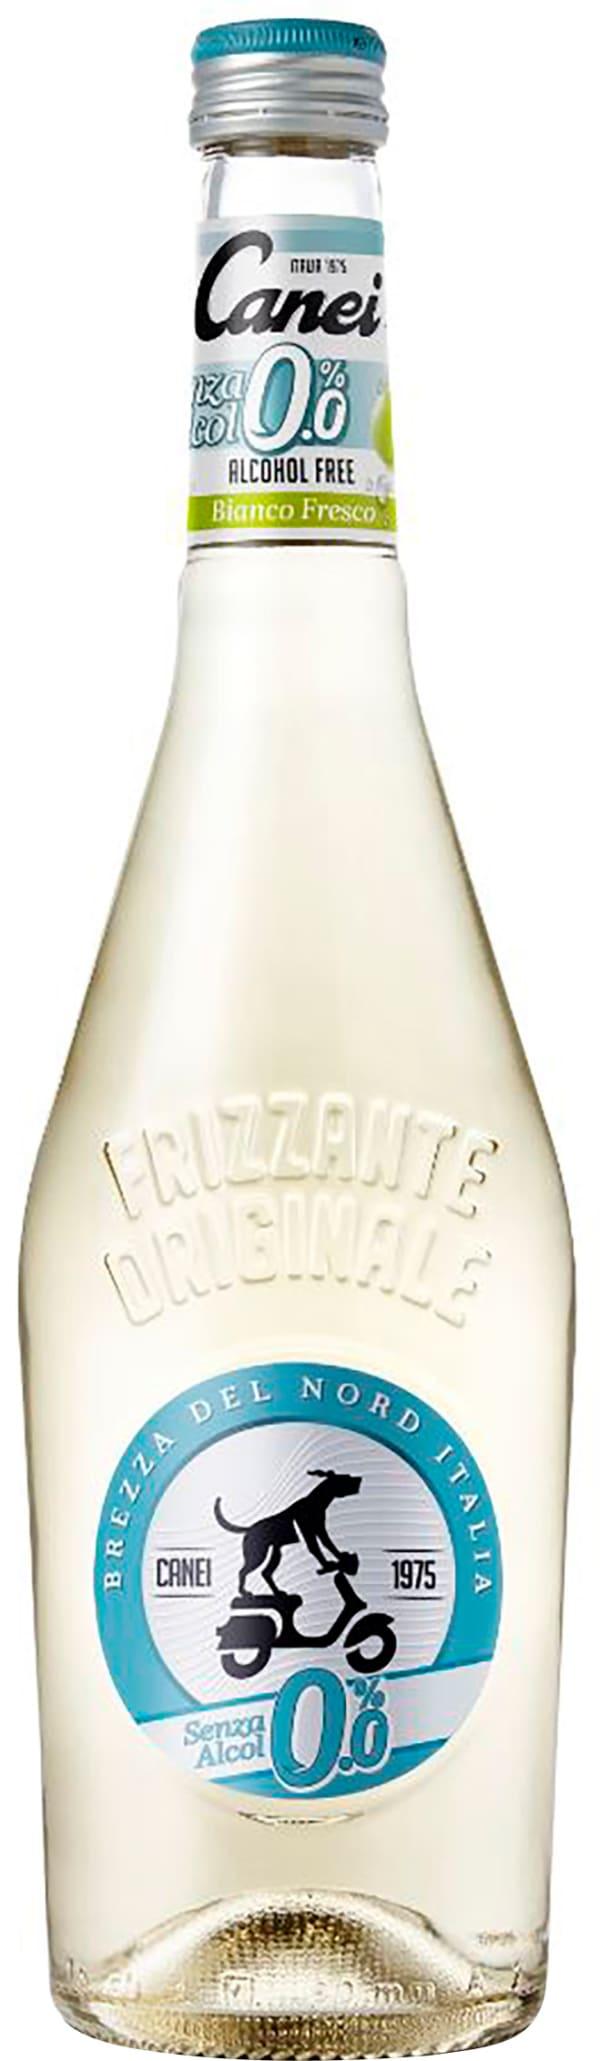 Canei Frizzante Originale Senza Alcol